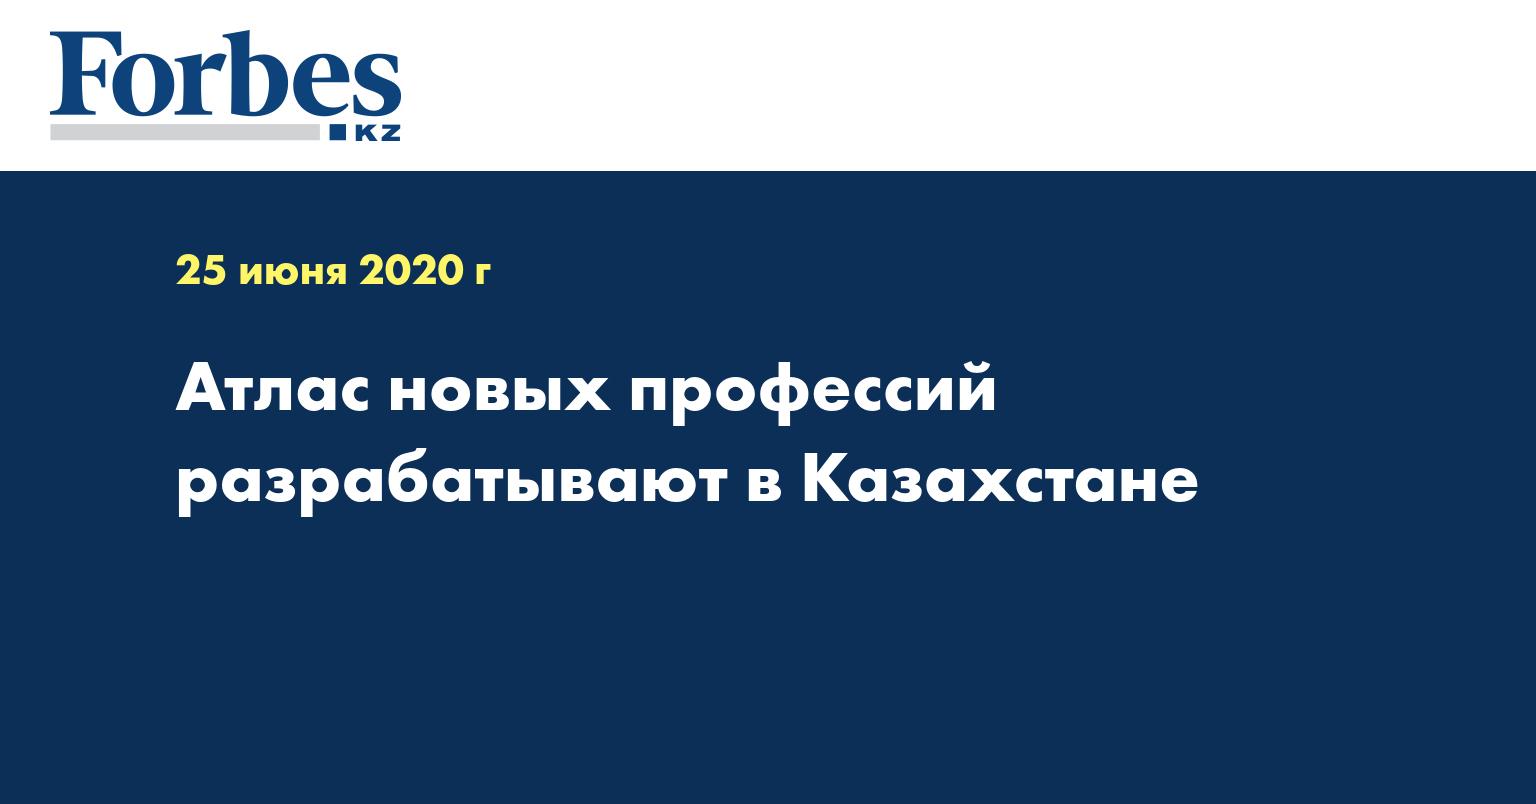 Атлас новых профессий разрабатывают в Казахстане